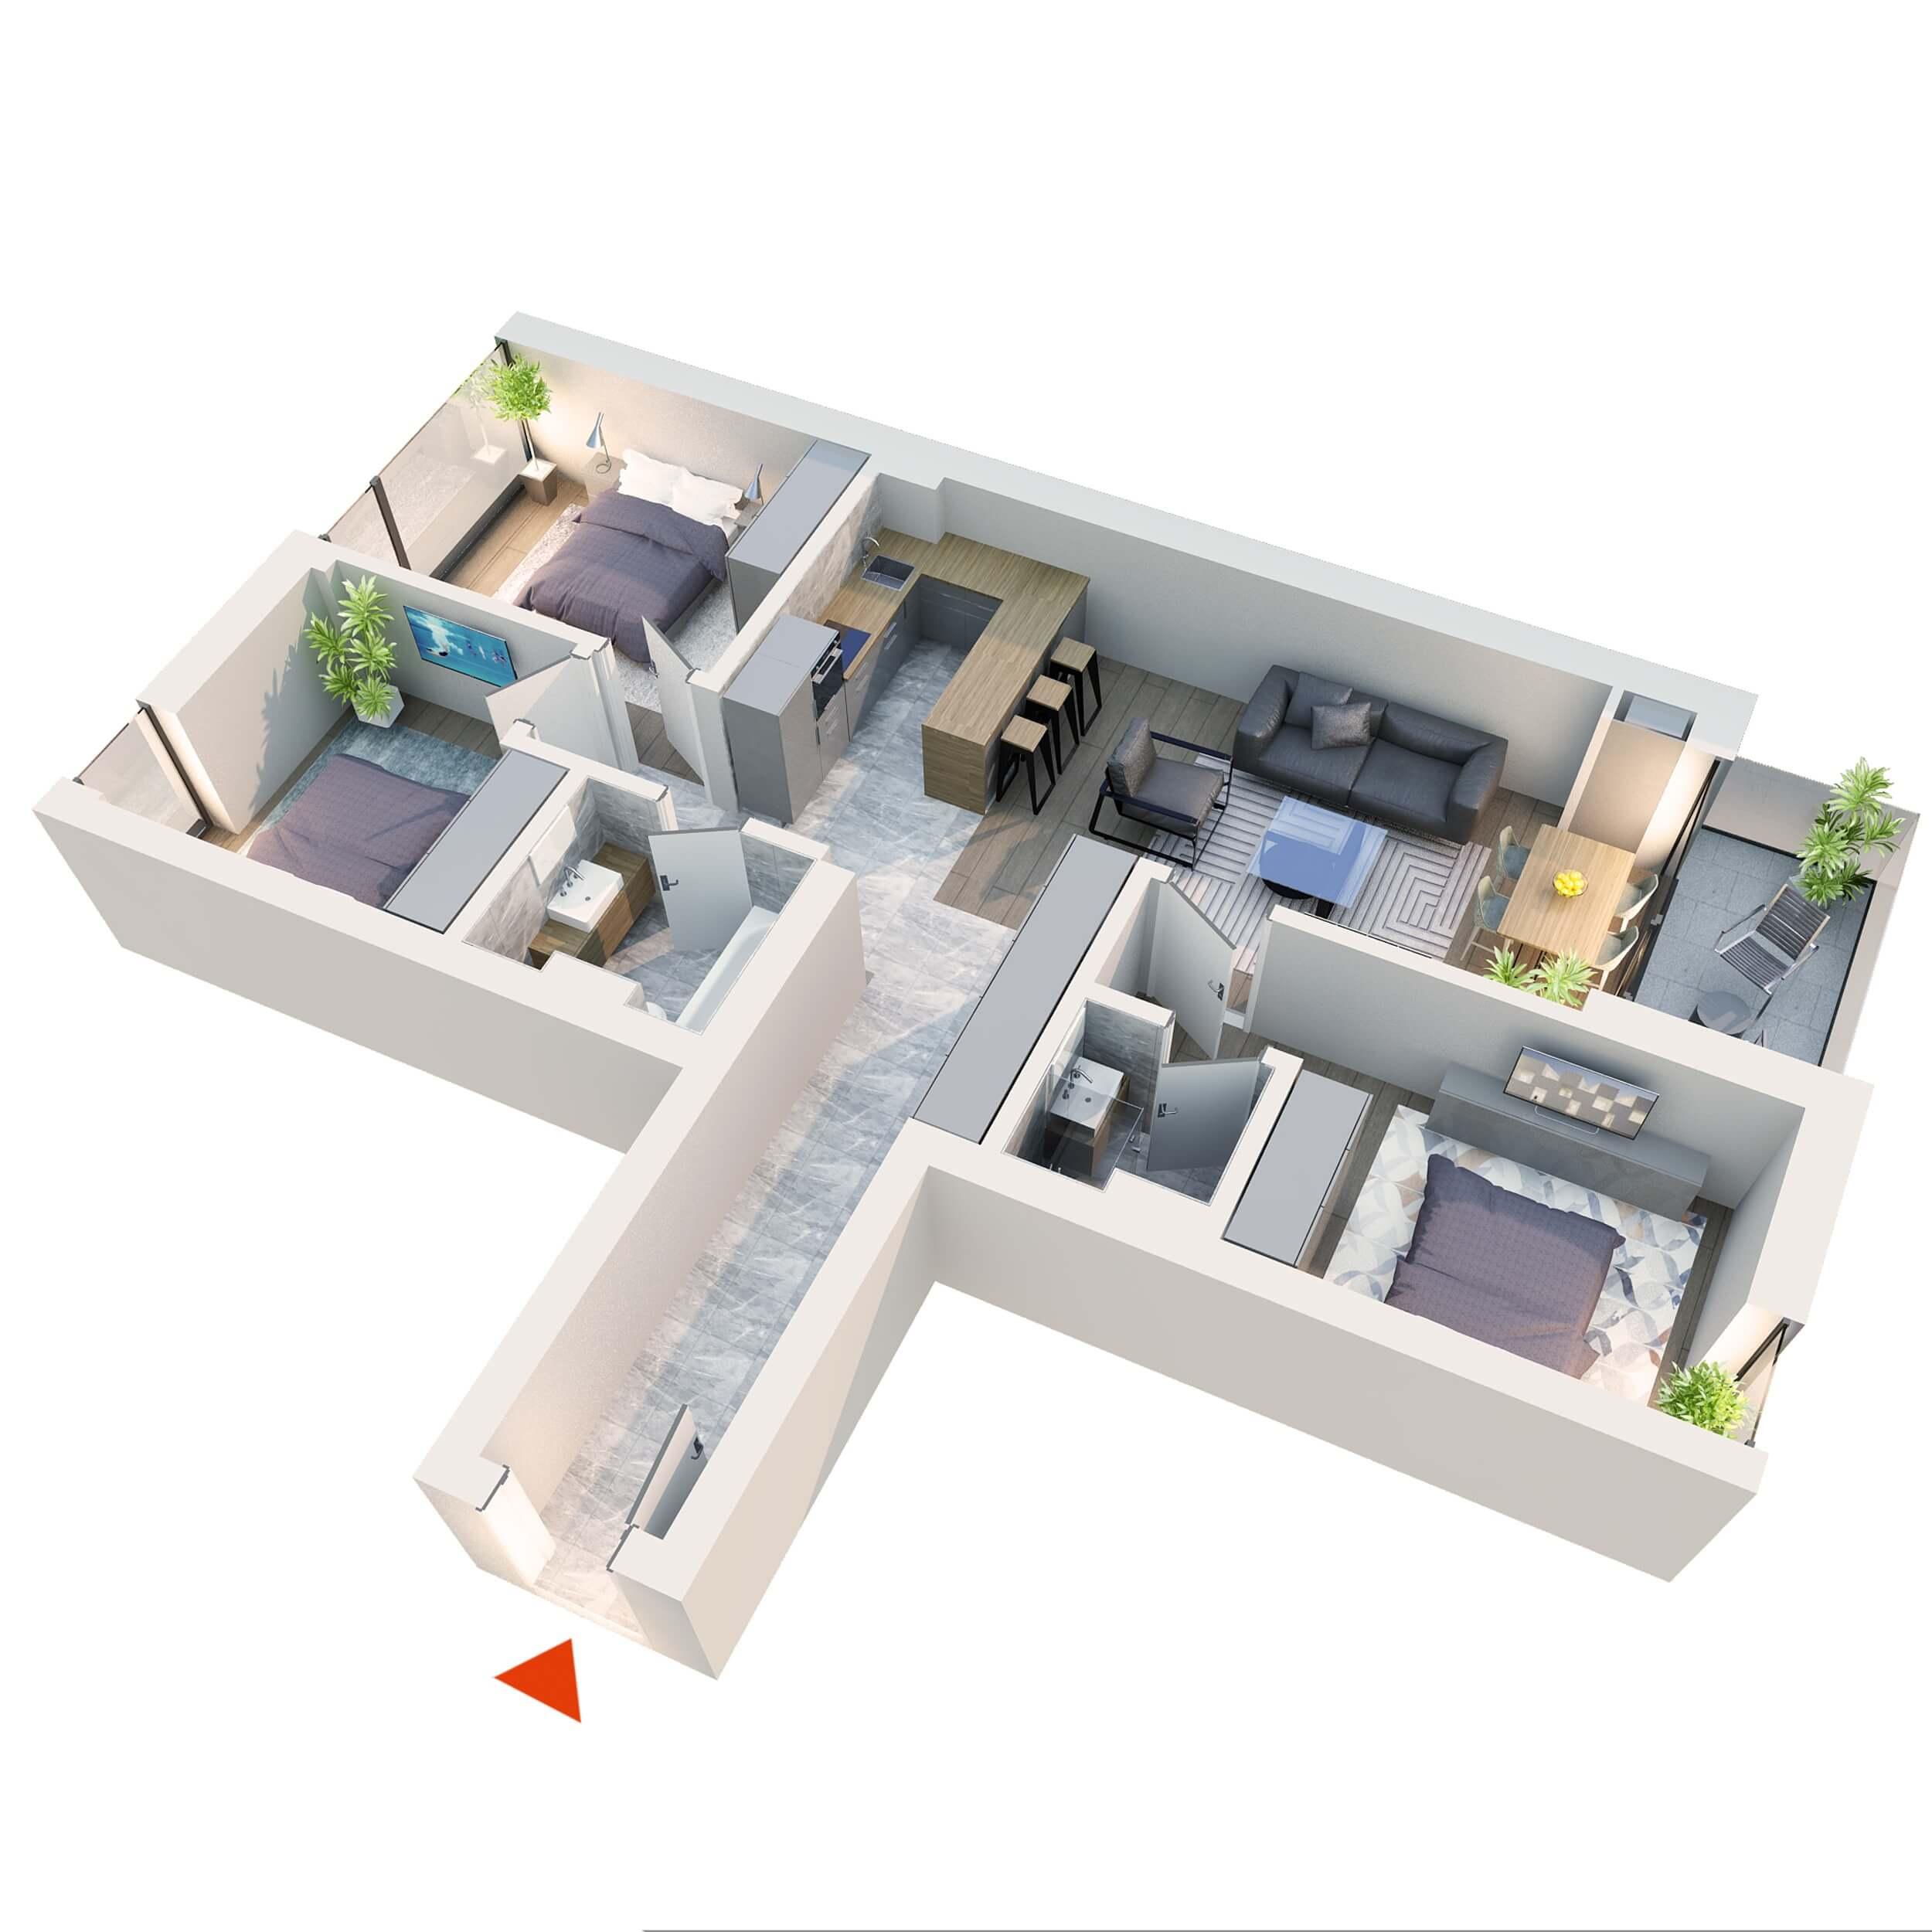 Apartament 4 camere tip 4B2 Logie | Etaj 1-4 | Corp C3, C4 | Faza 2